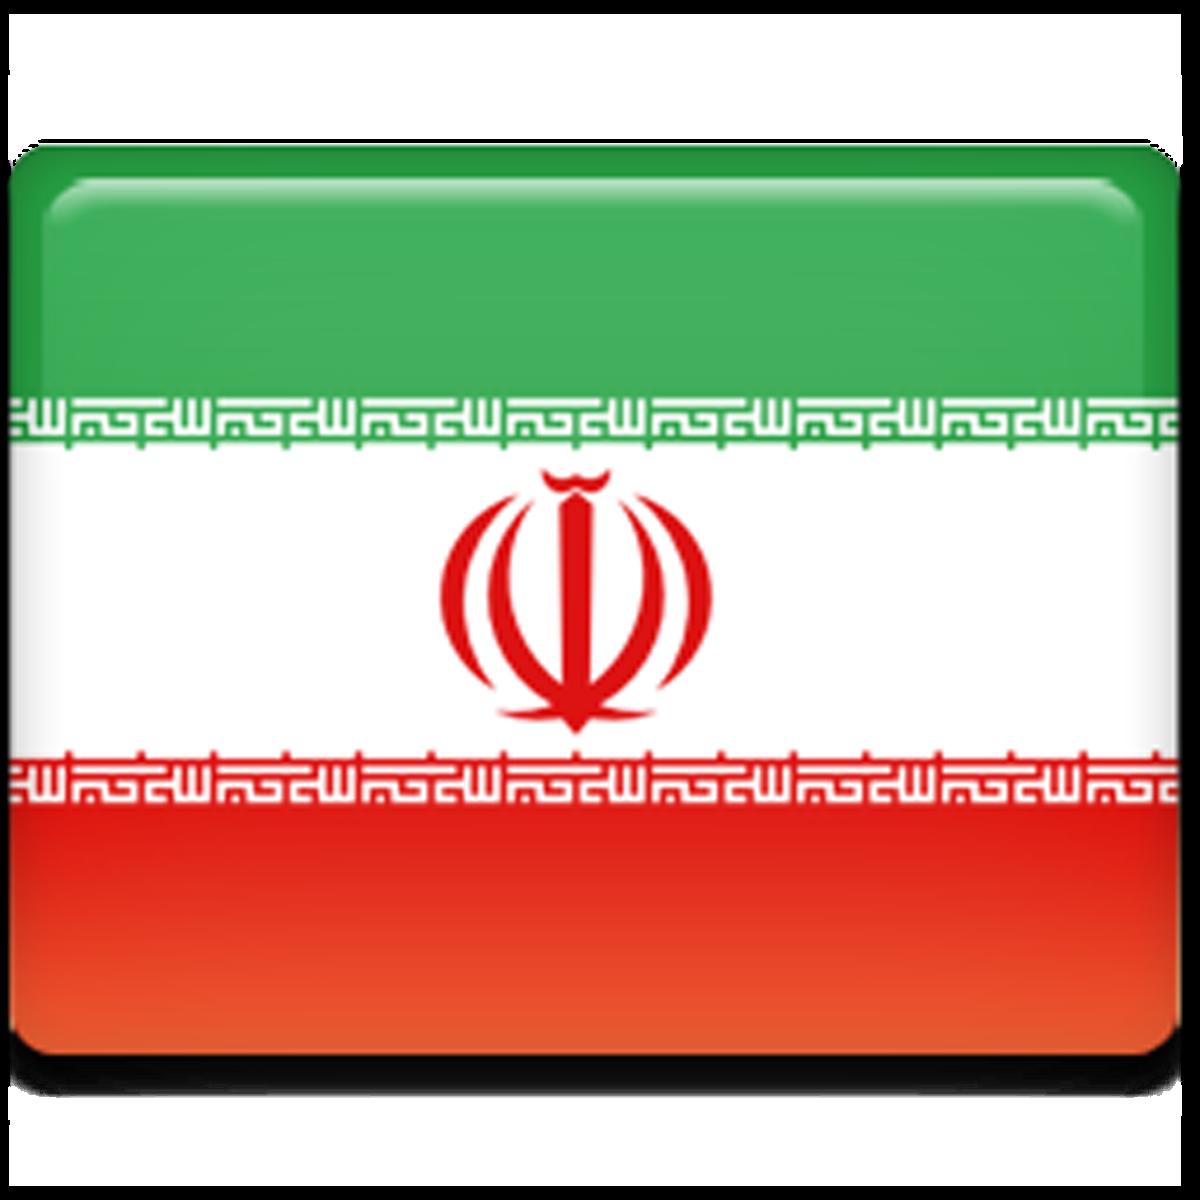 Graafix!: Graphics Wallpaper Flag of Iran